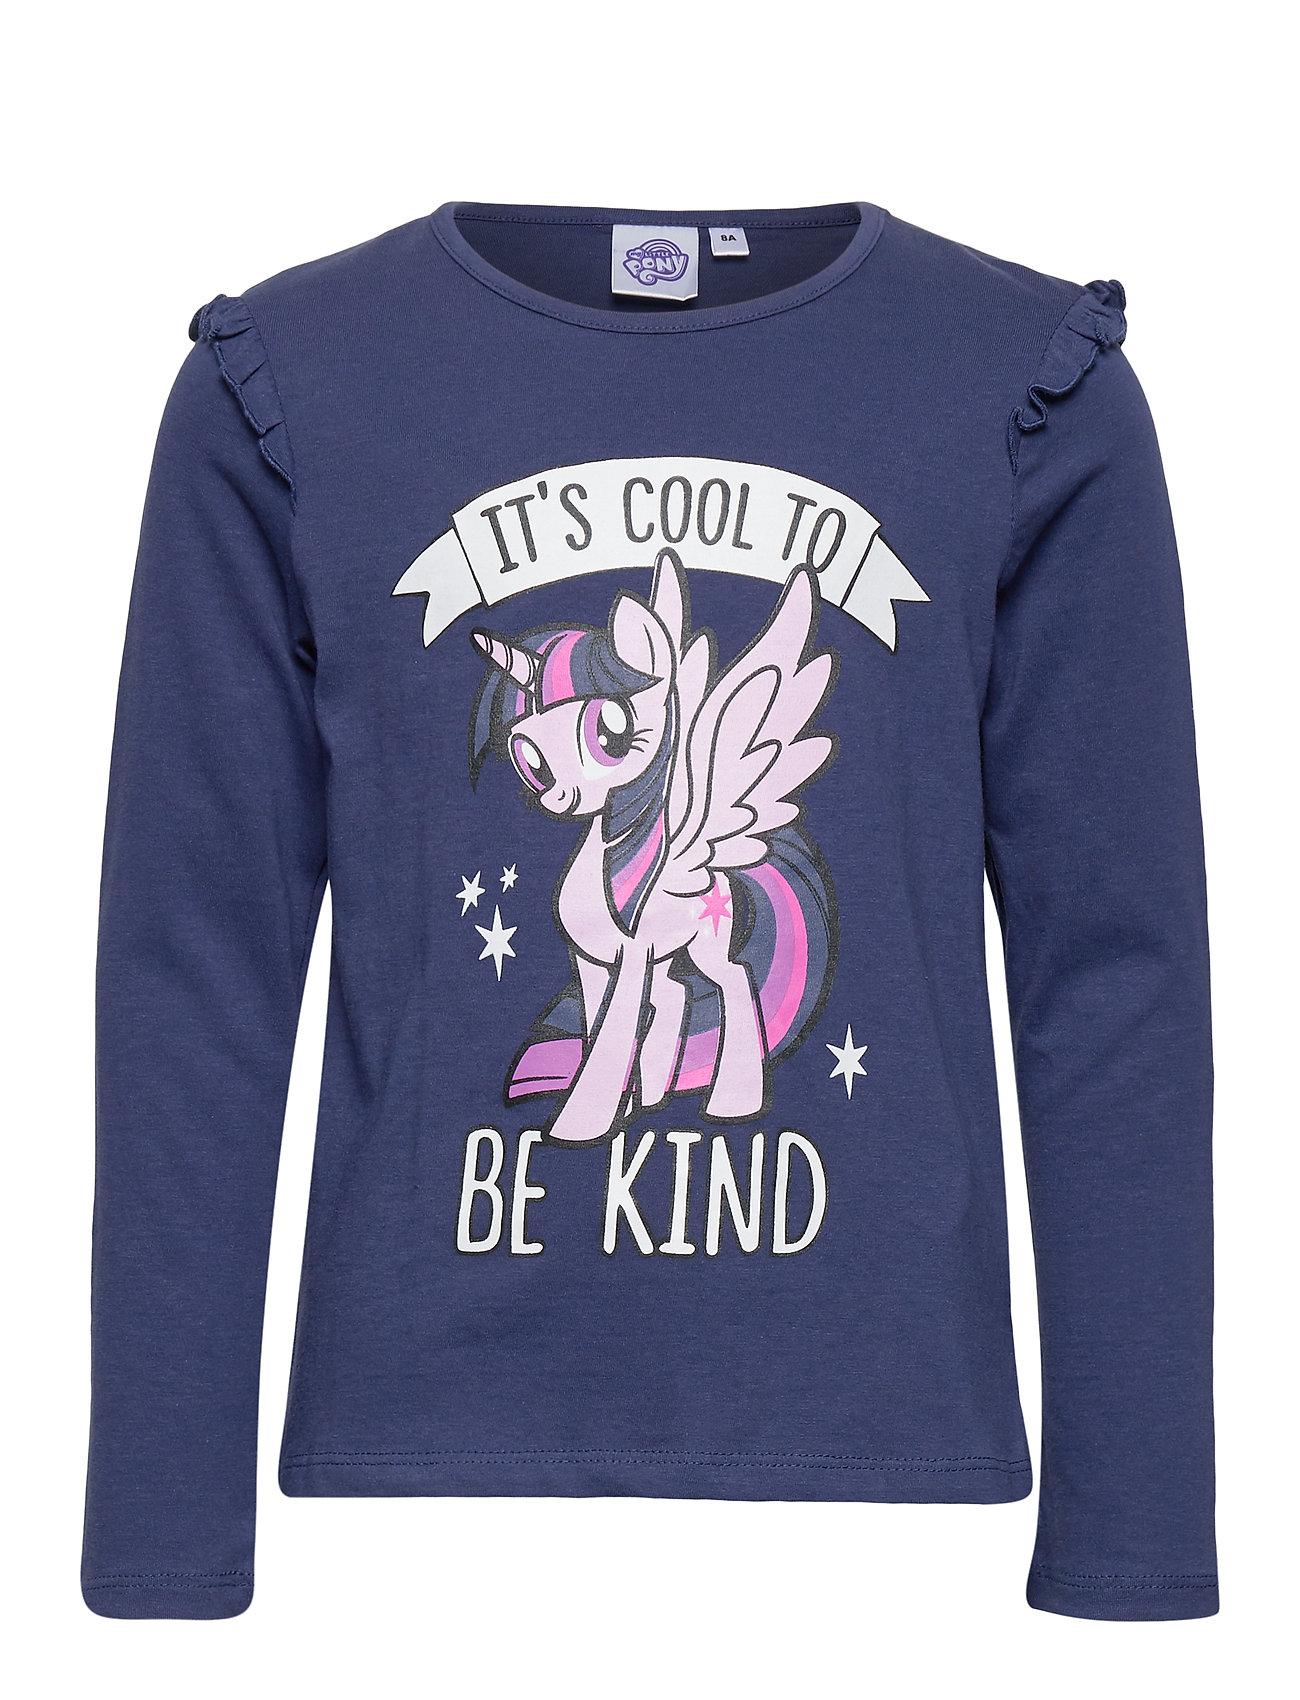 Image of Ts Ml Langærmet T-shirt Blå My Little Pony (3292170057)